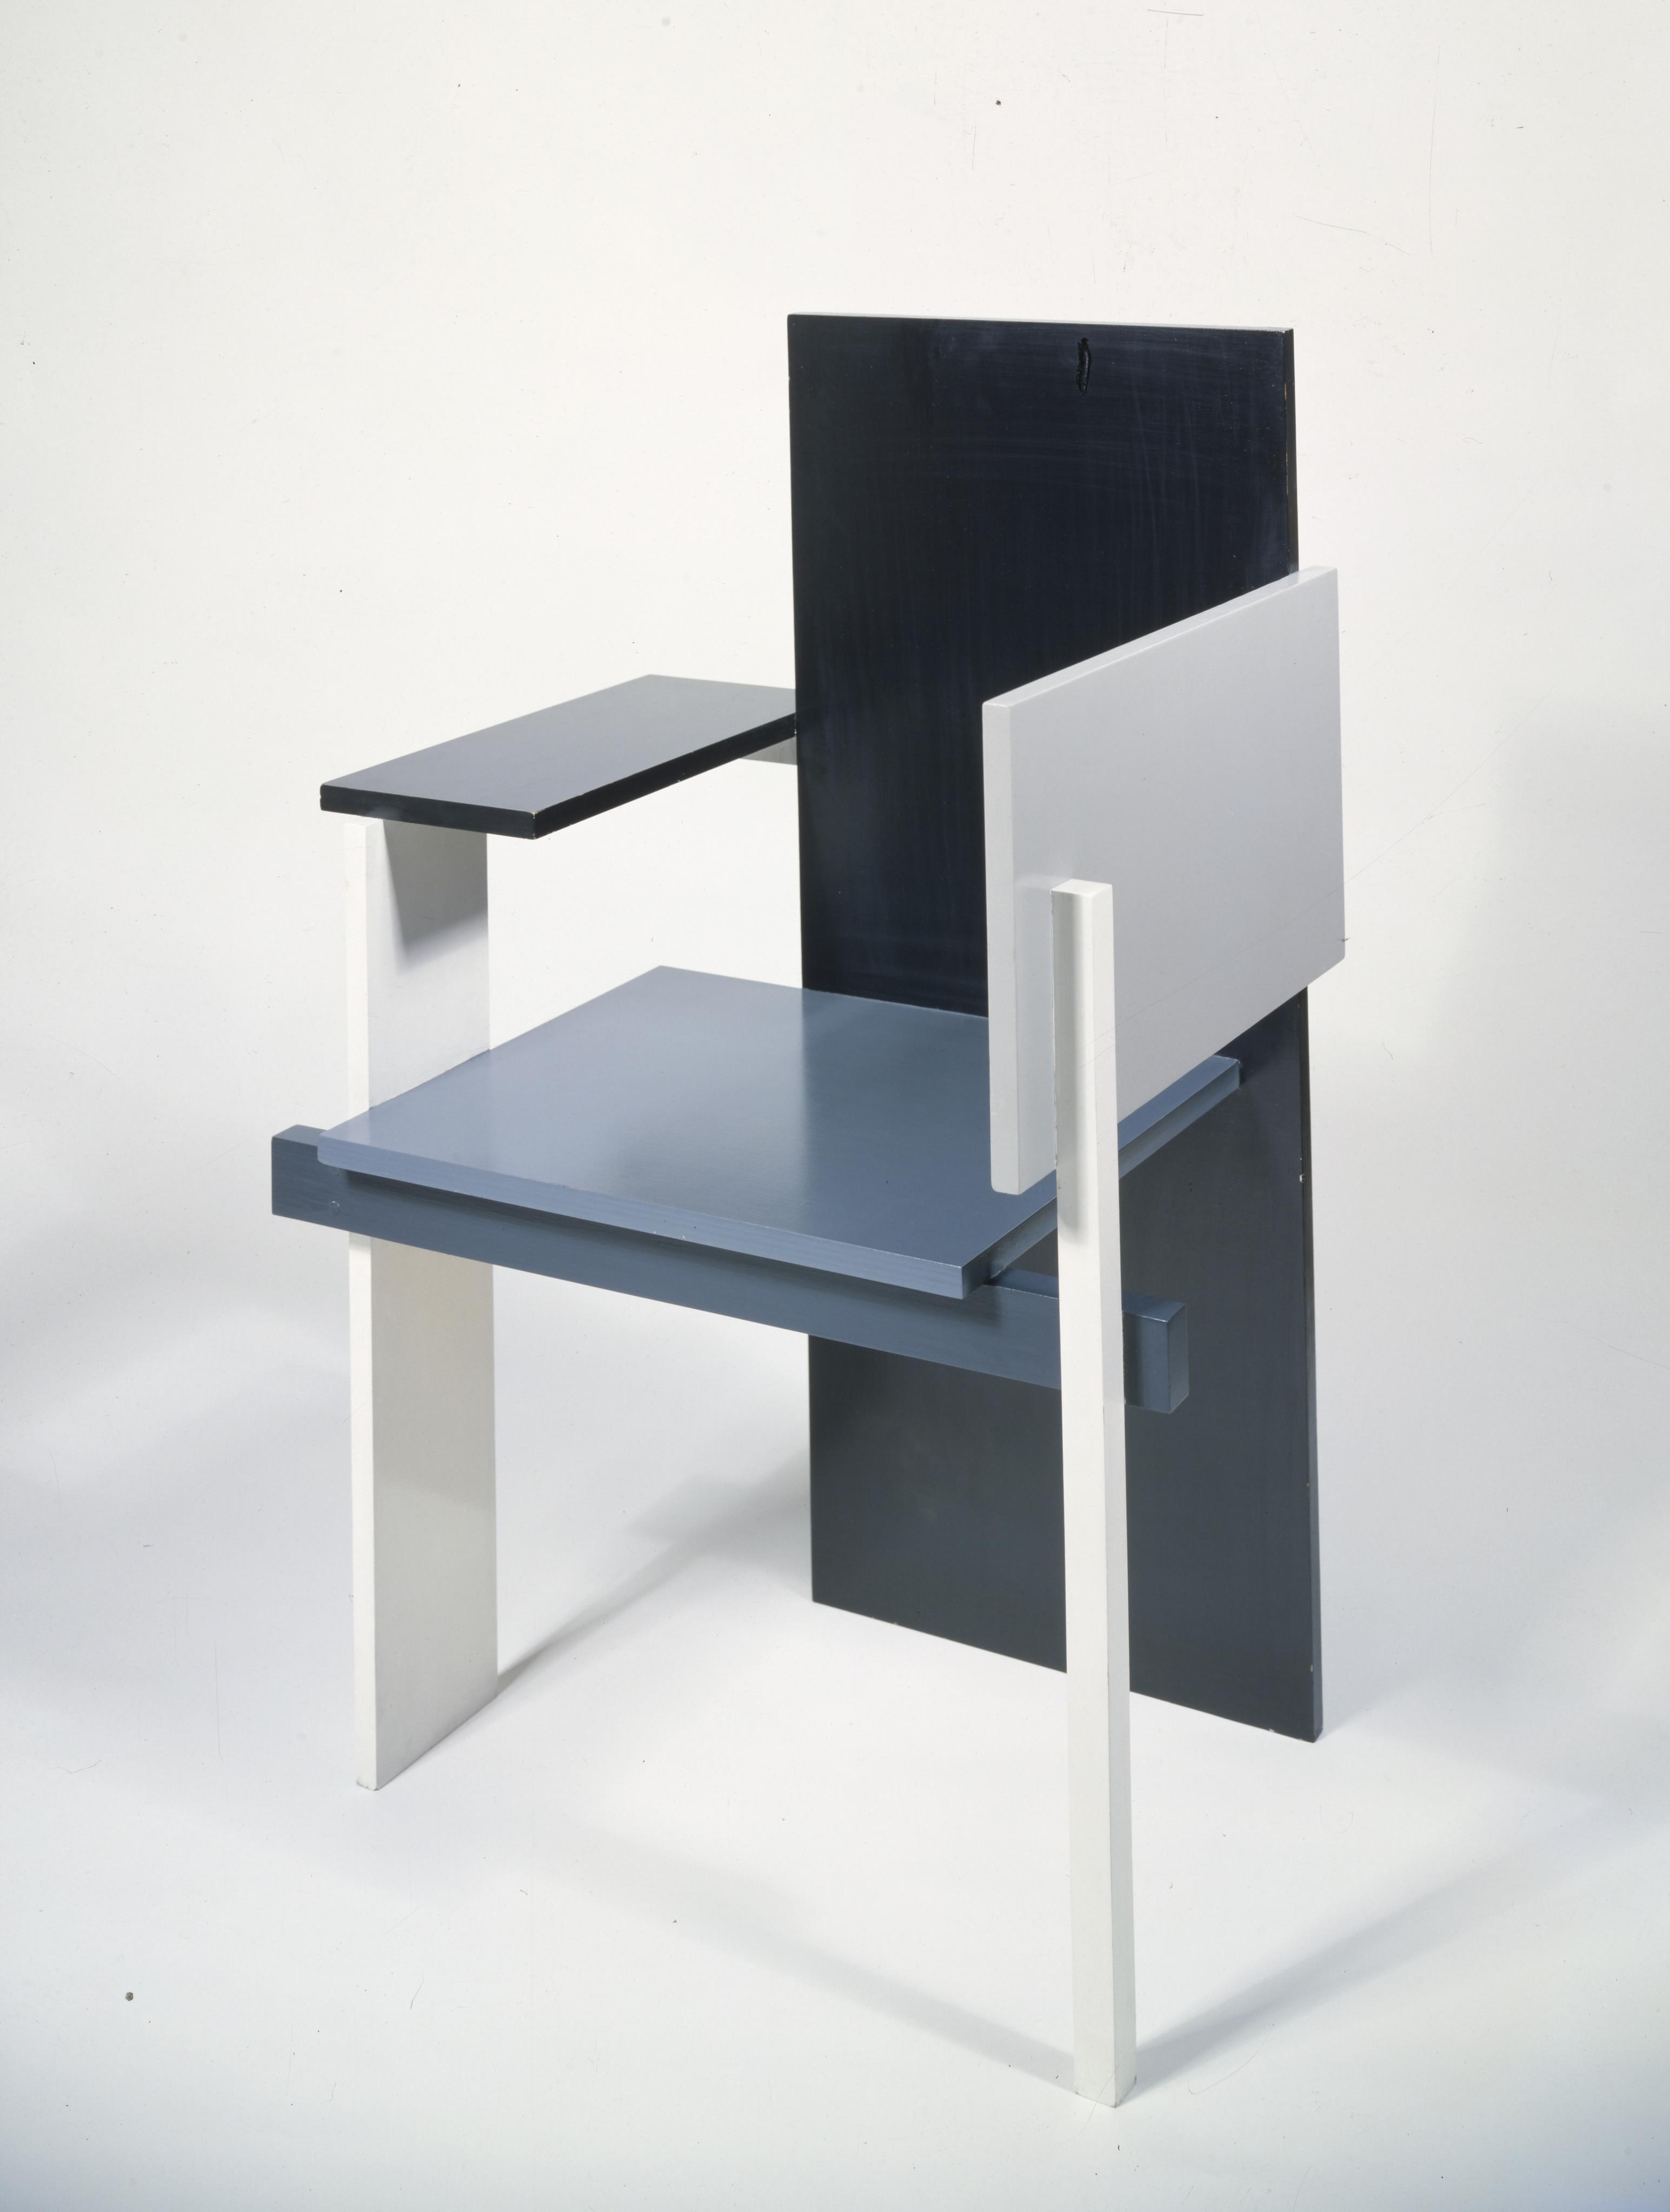 Zeer Berlijnse stoel — Centraal Museum Utrecht EE13